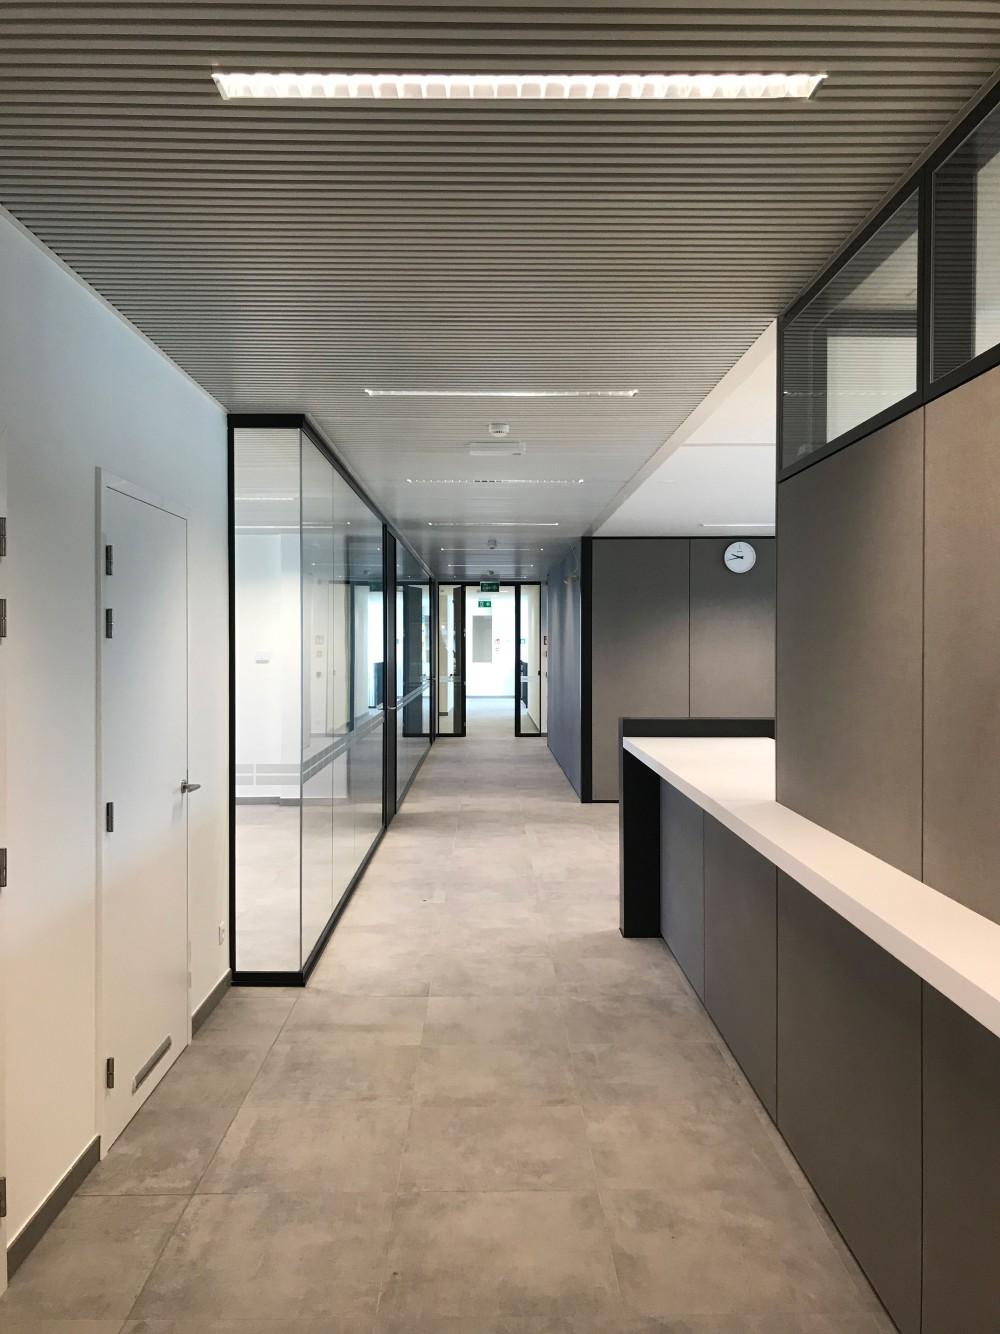 Abscis Architecten - interieur nieuw administratief centrum